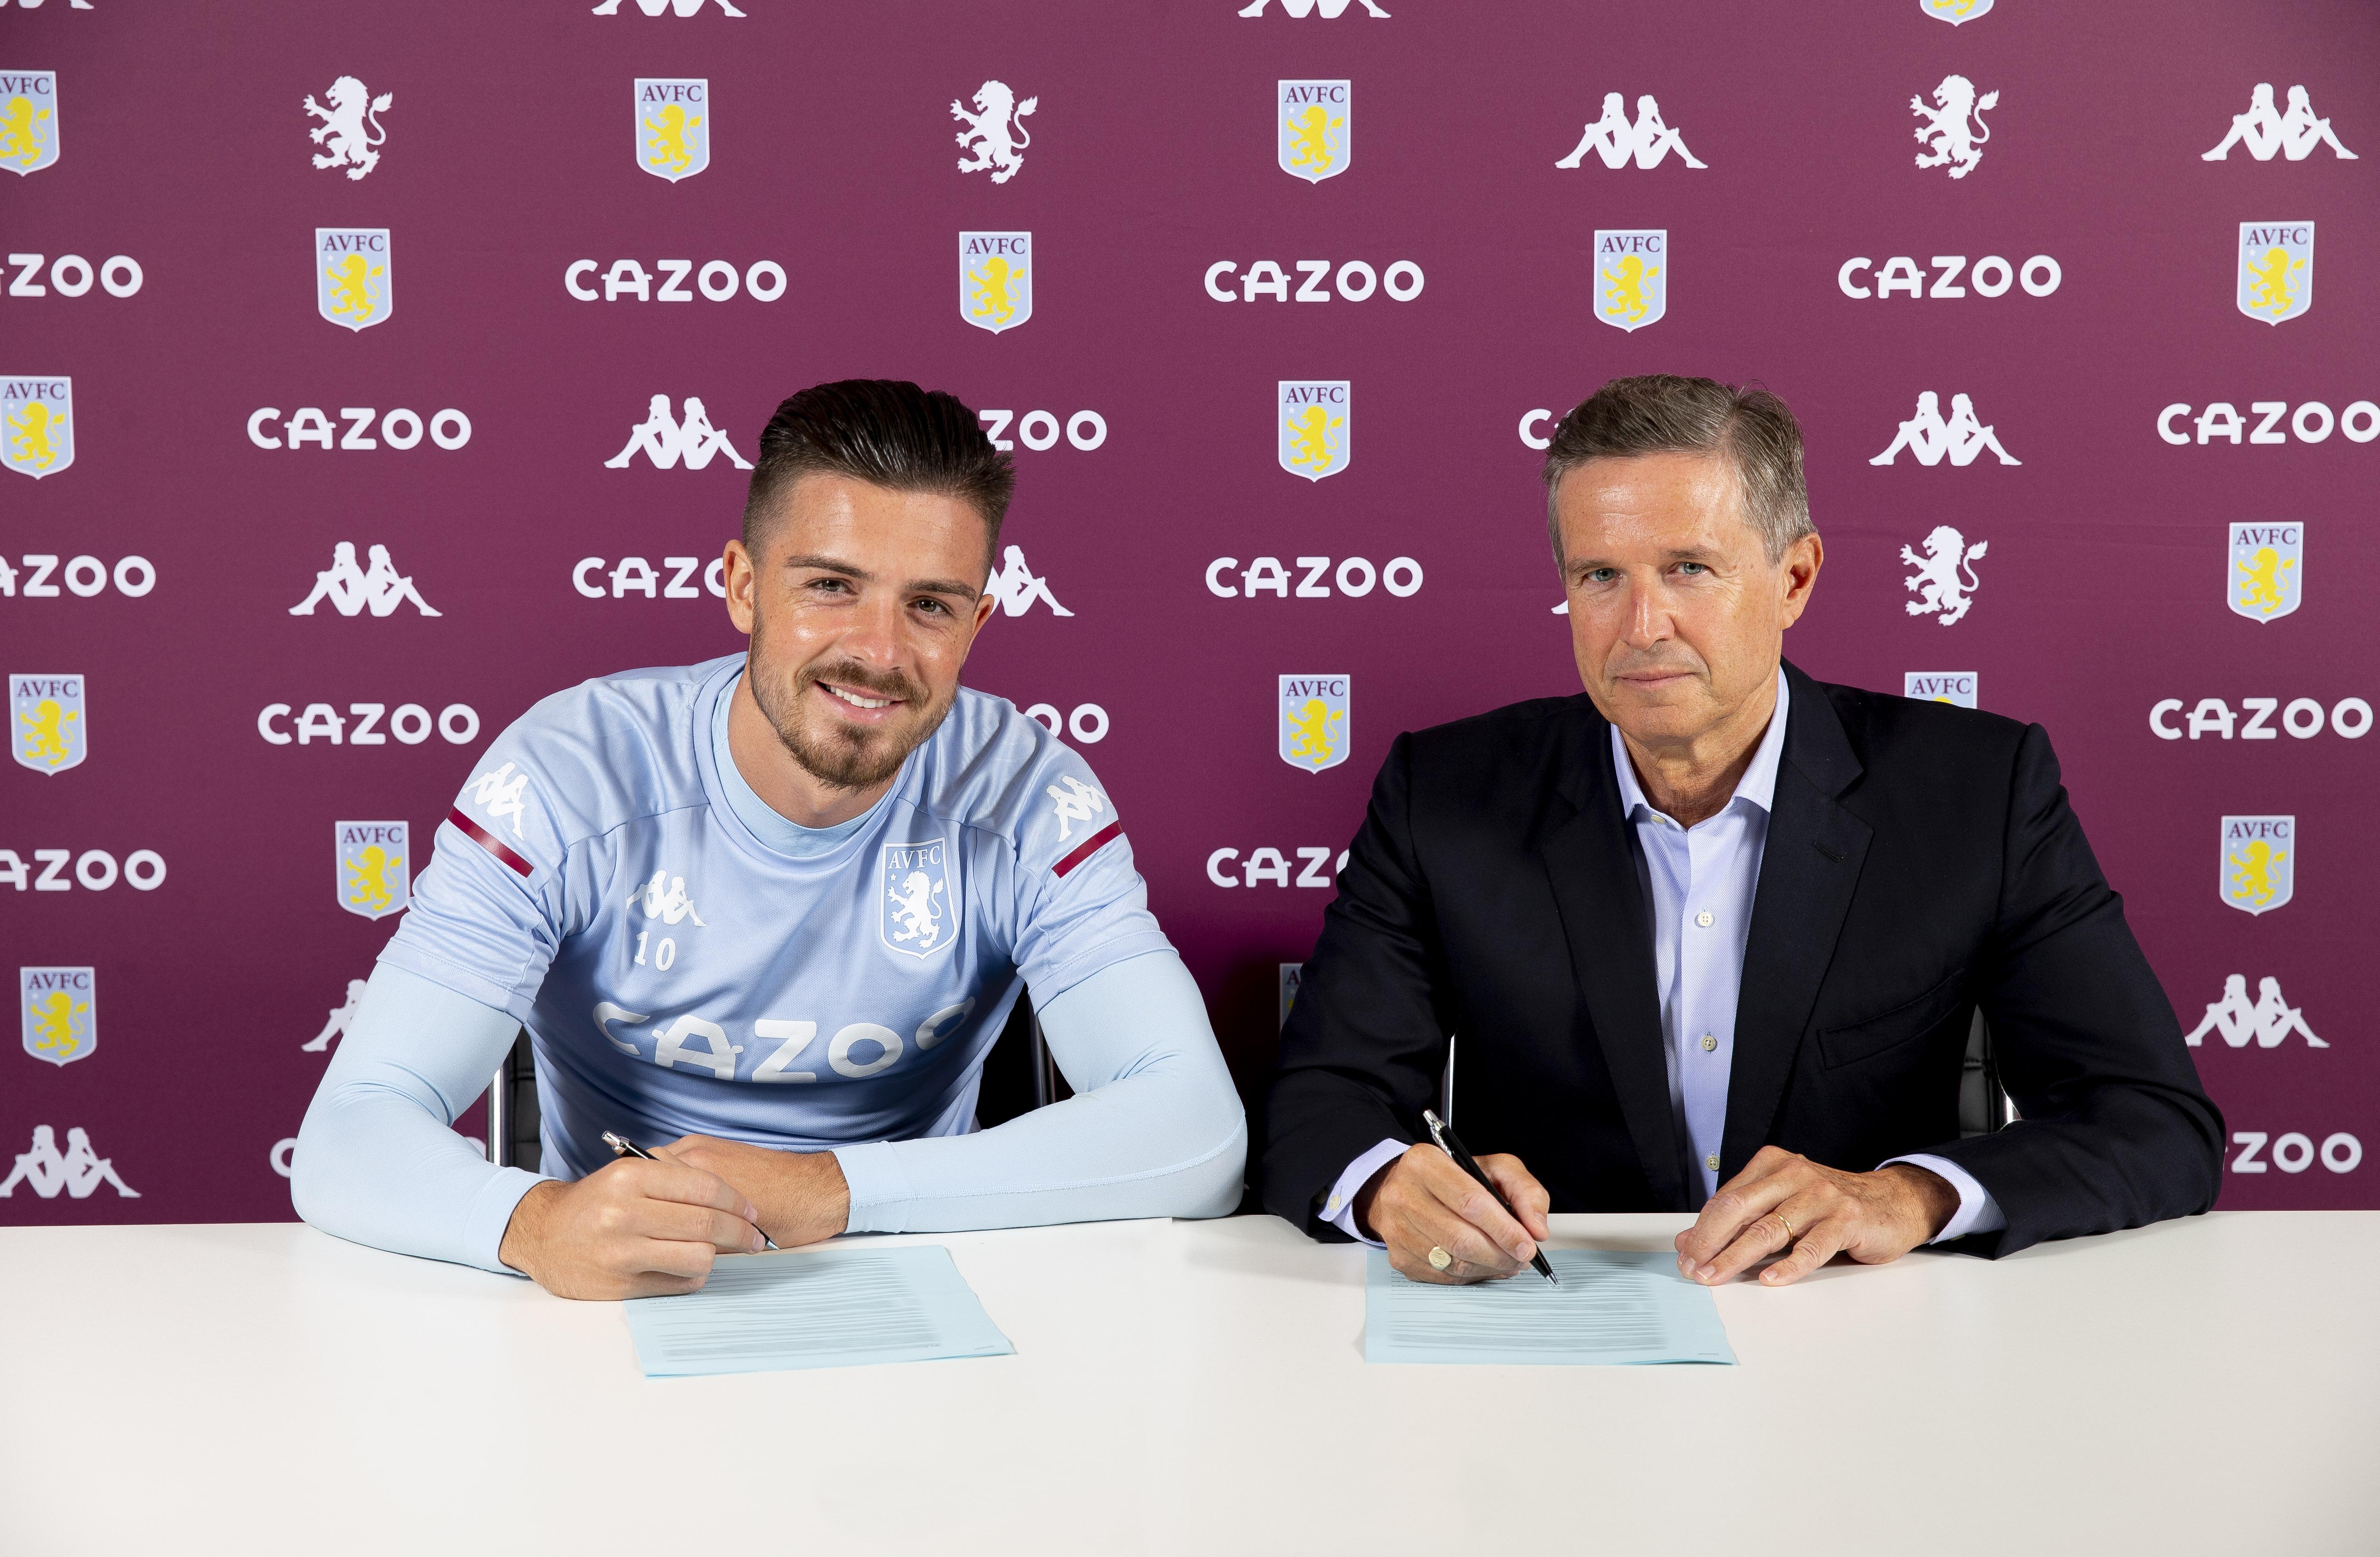 Jack Grealish Signs a New Contract at Aston Villa